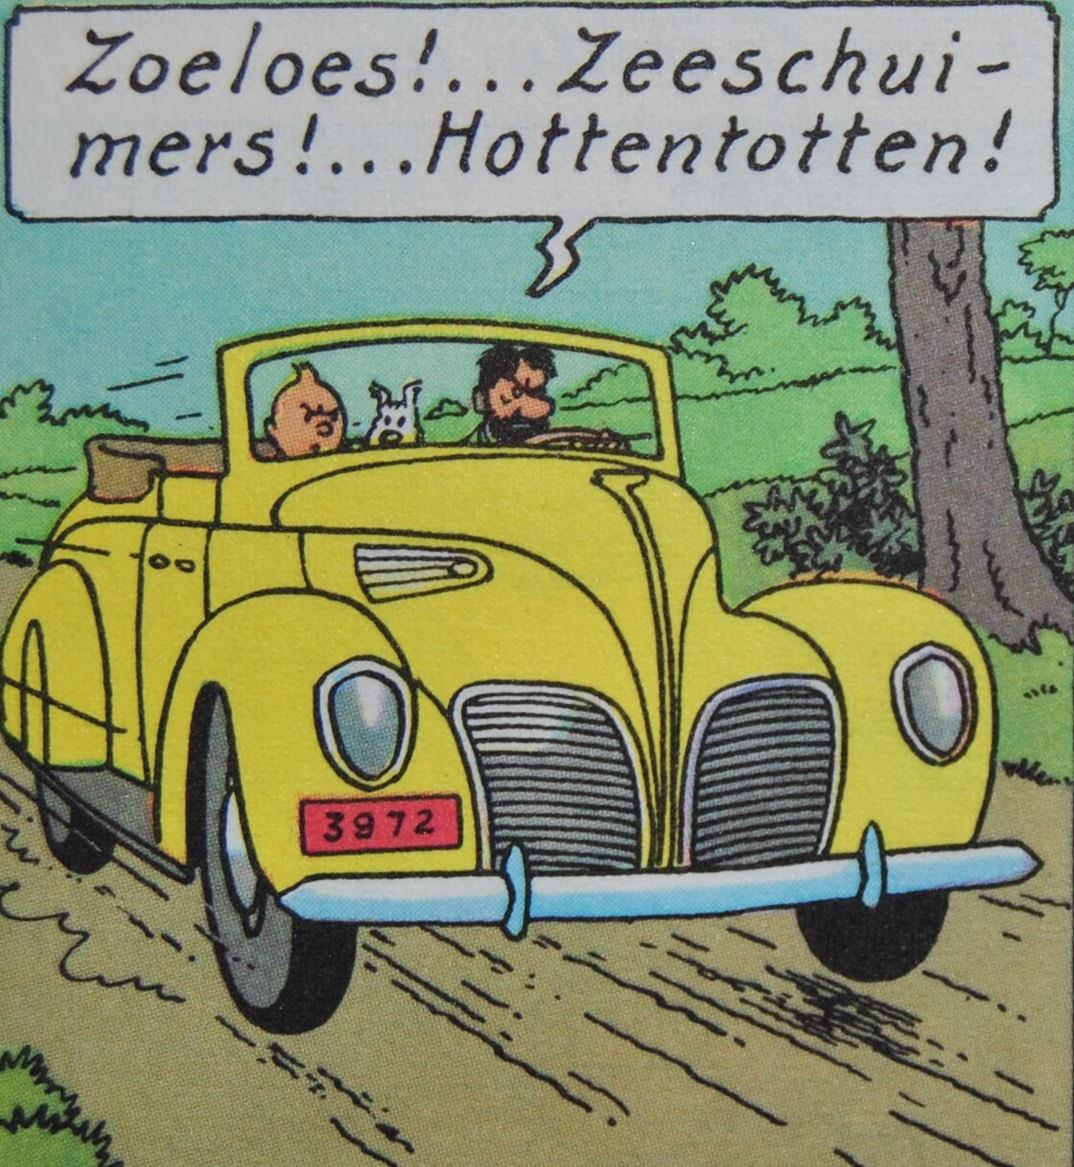 King in yellow de auto 39 s van kuifje in miniatuur de 7 for Schepper van de stripfiguur kuifje